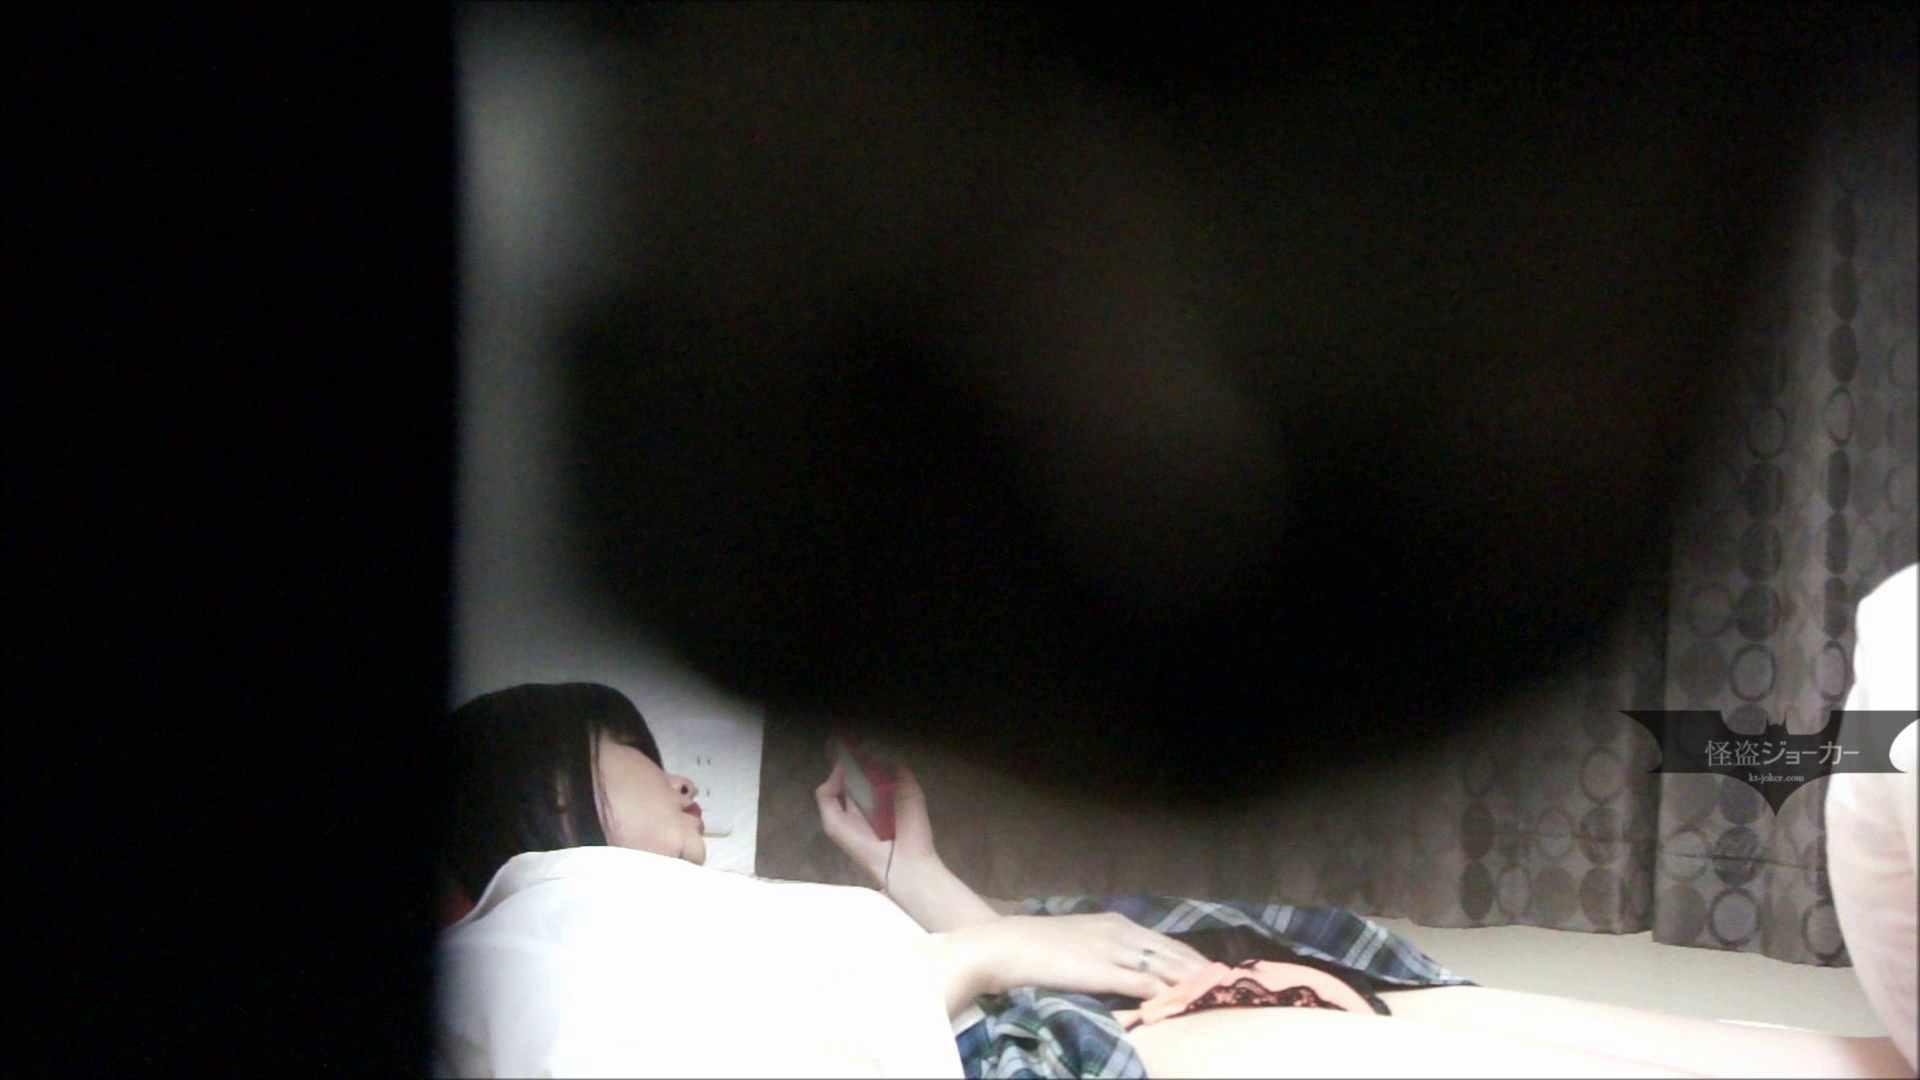 【未公開】vol.54【小春】脱衣所とオナニー隠し撮り オナニー  92pic 33